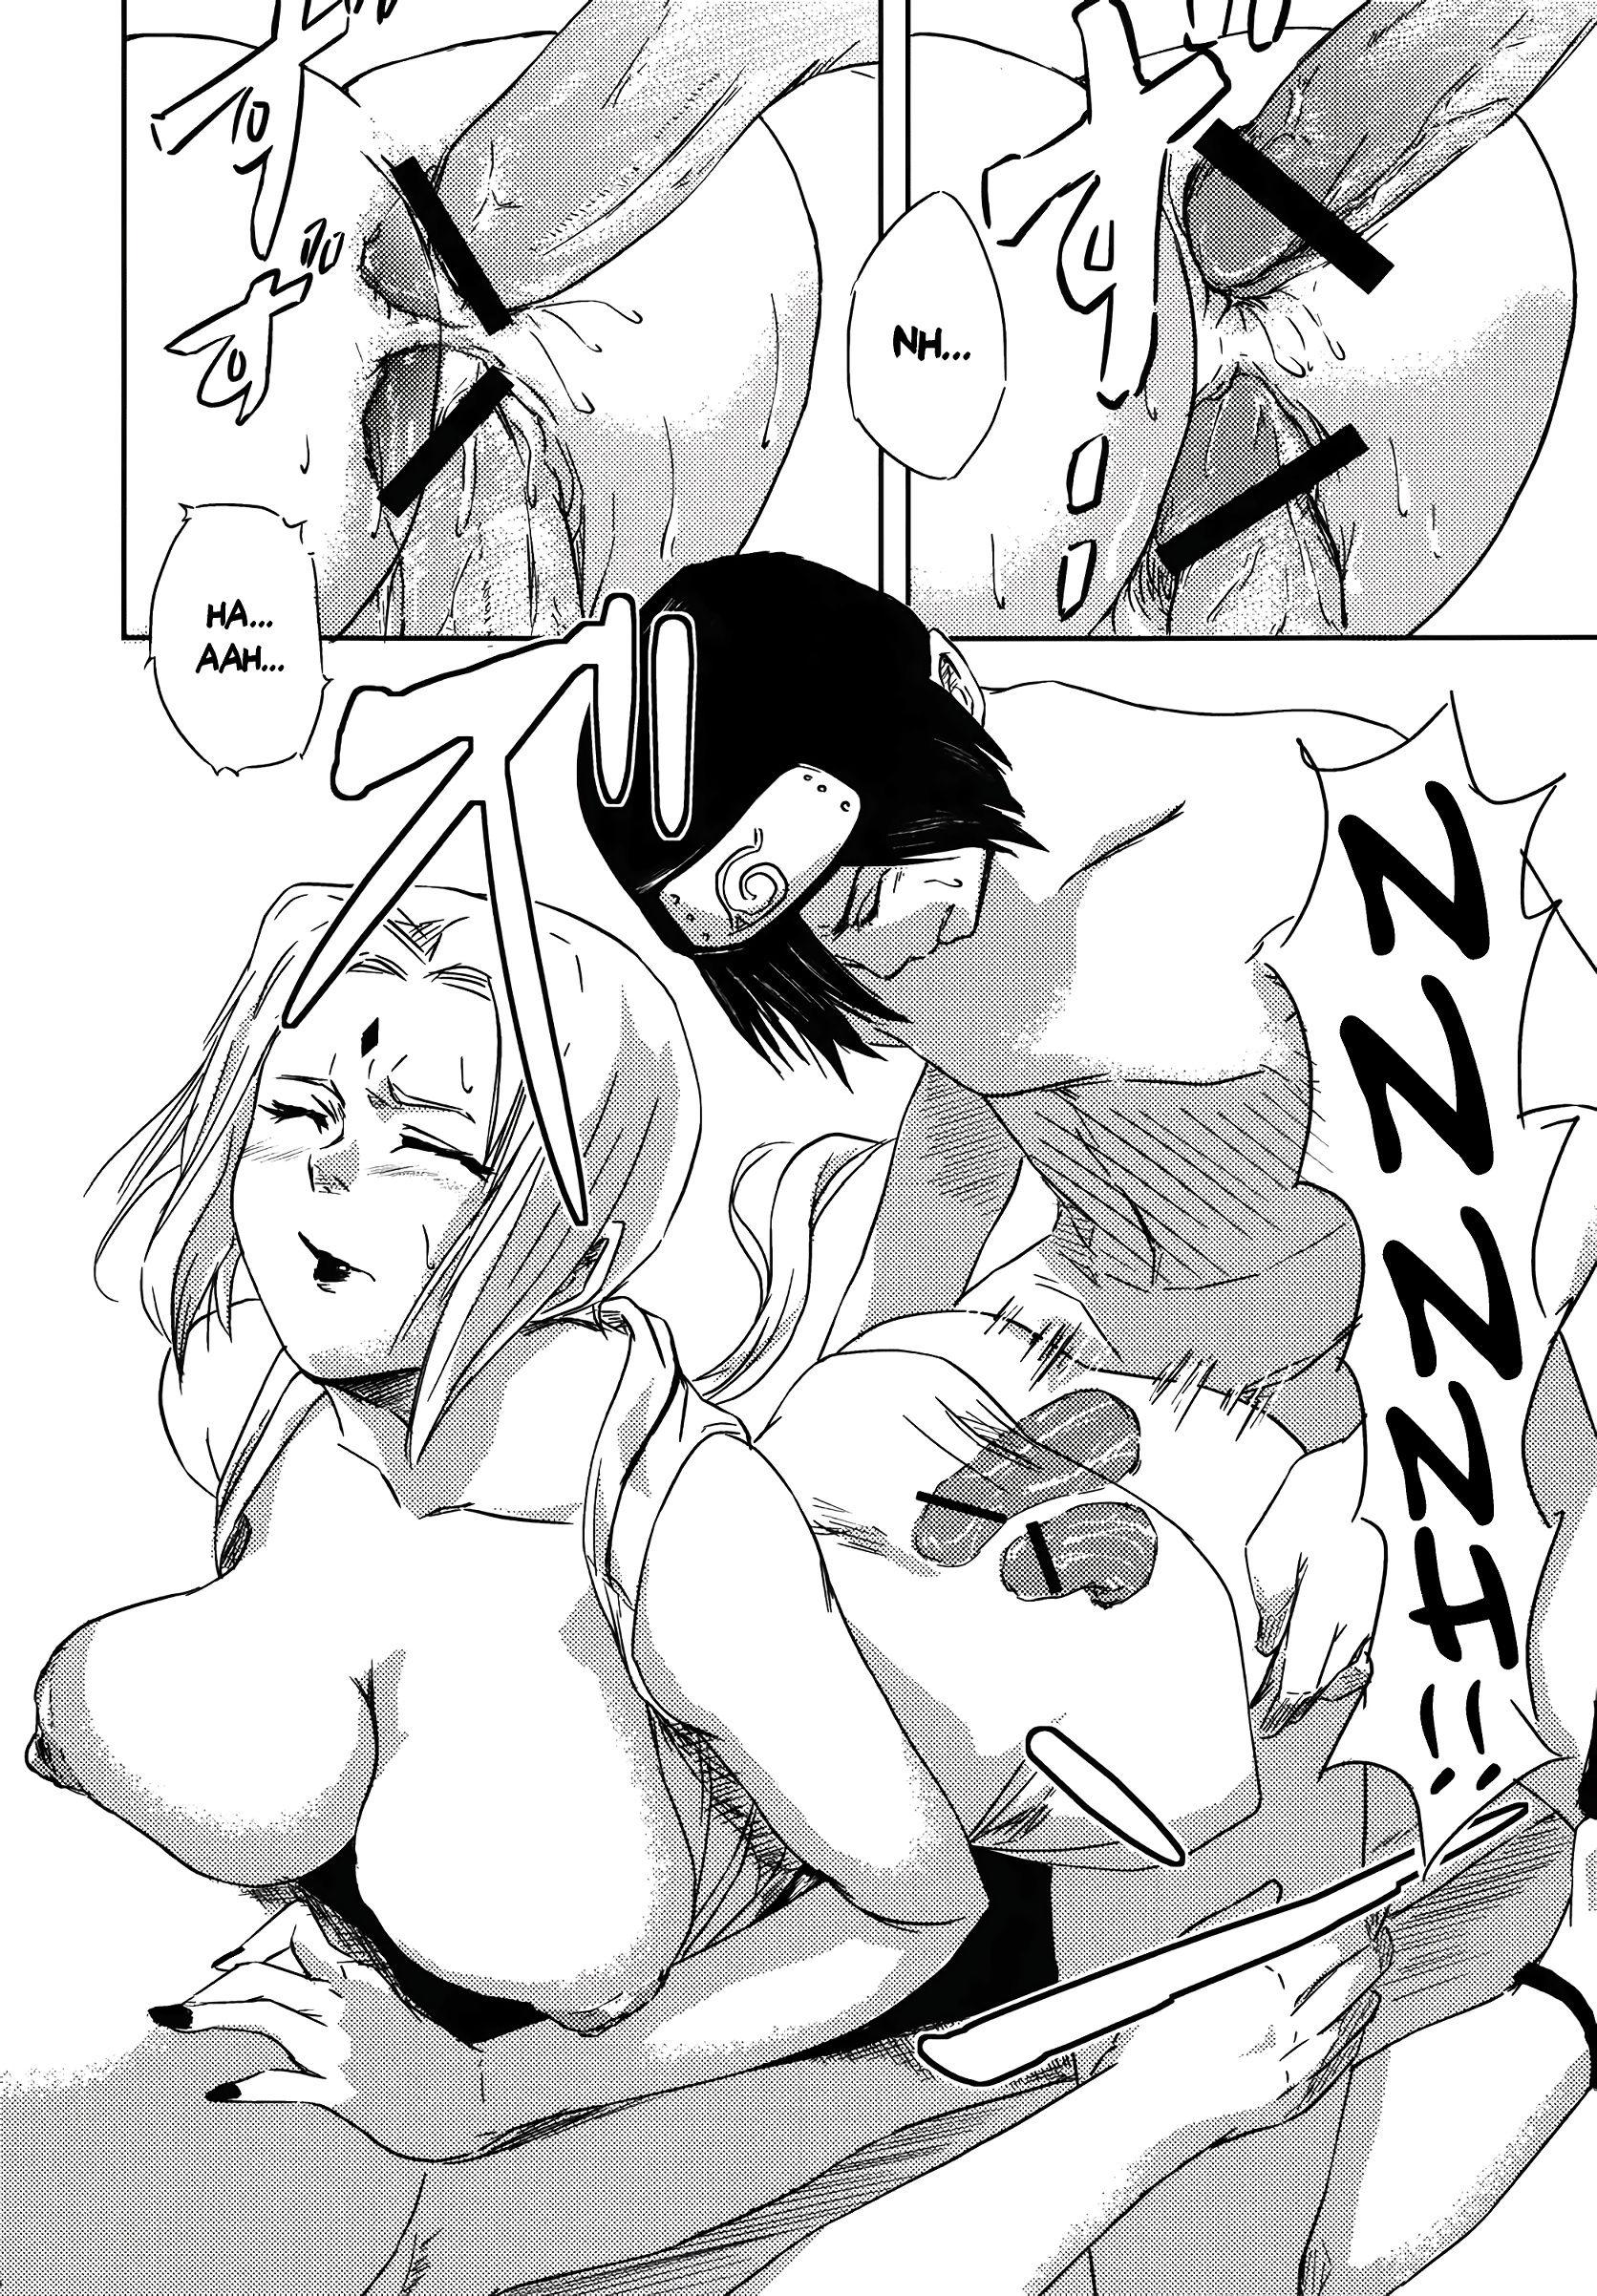 No mercy hentai manga picture 15